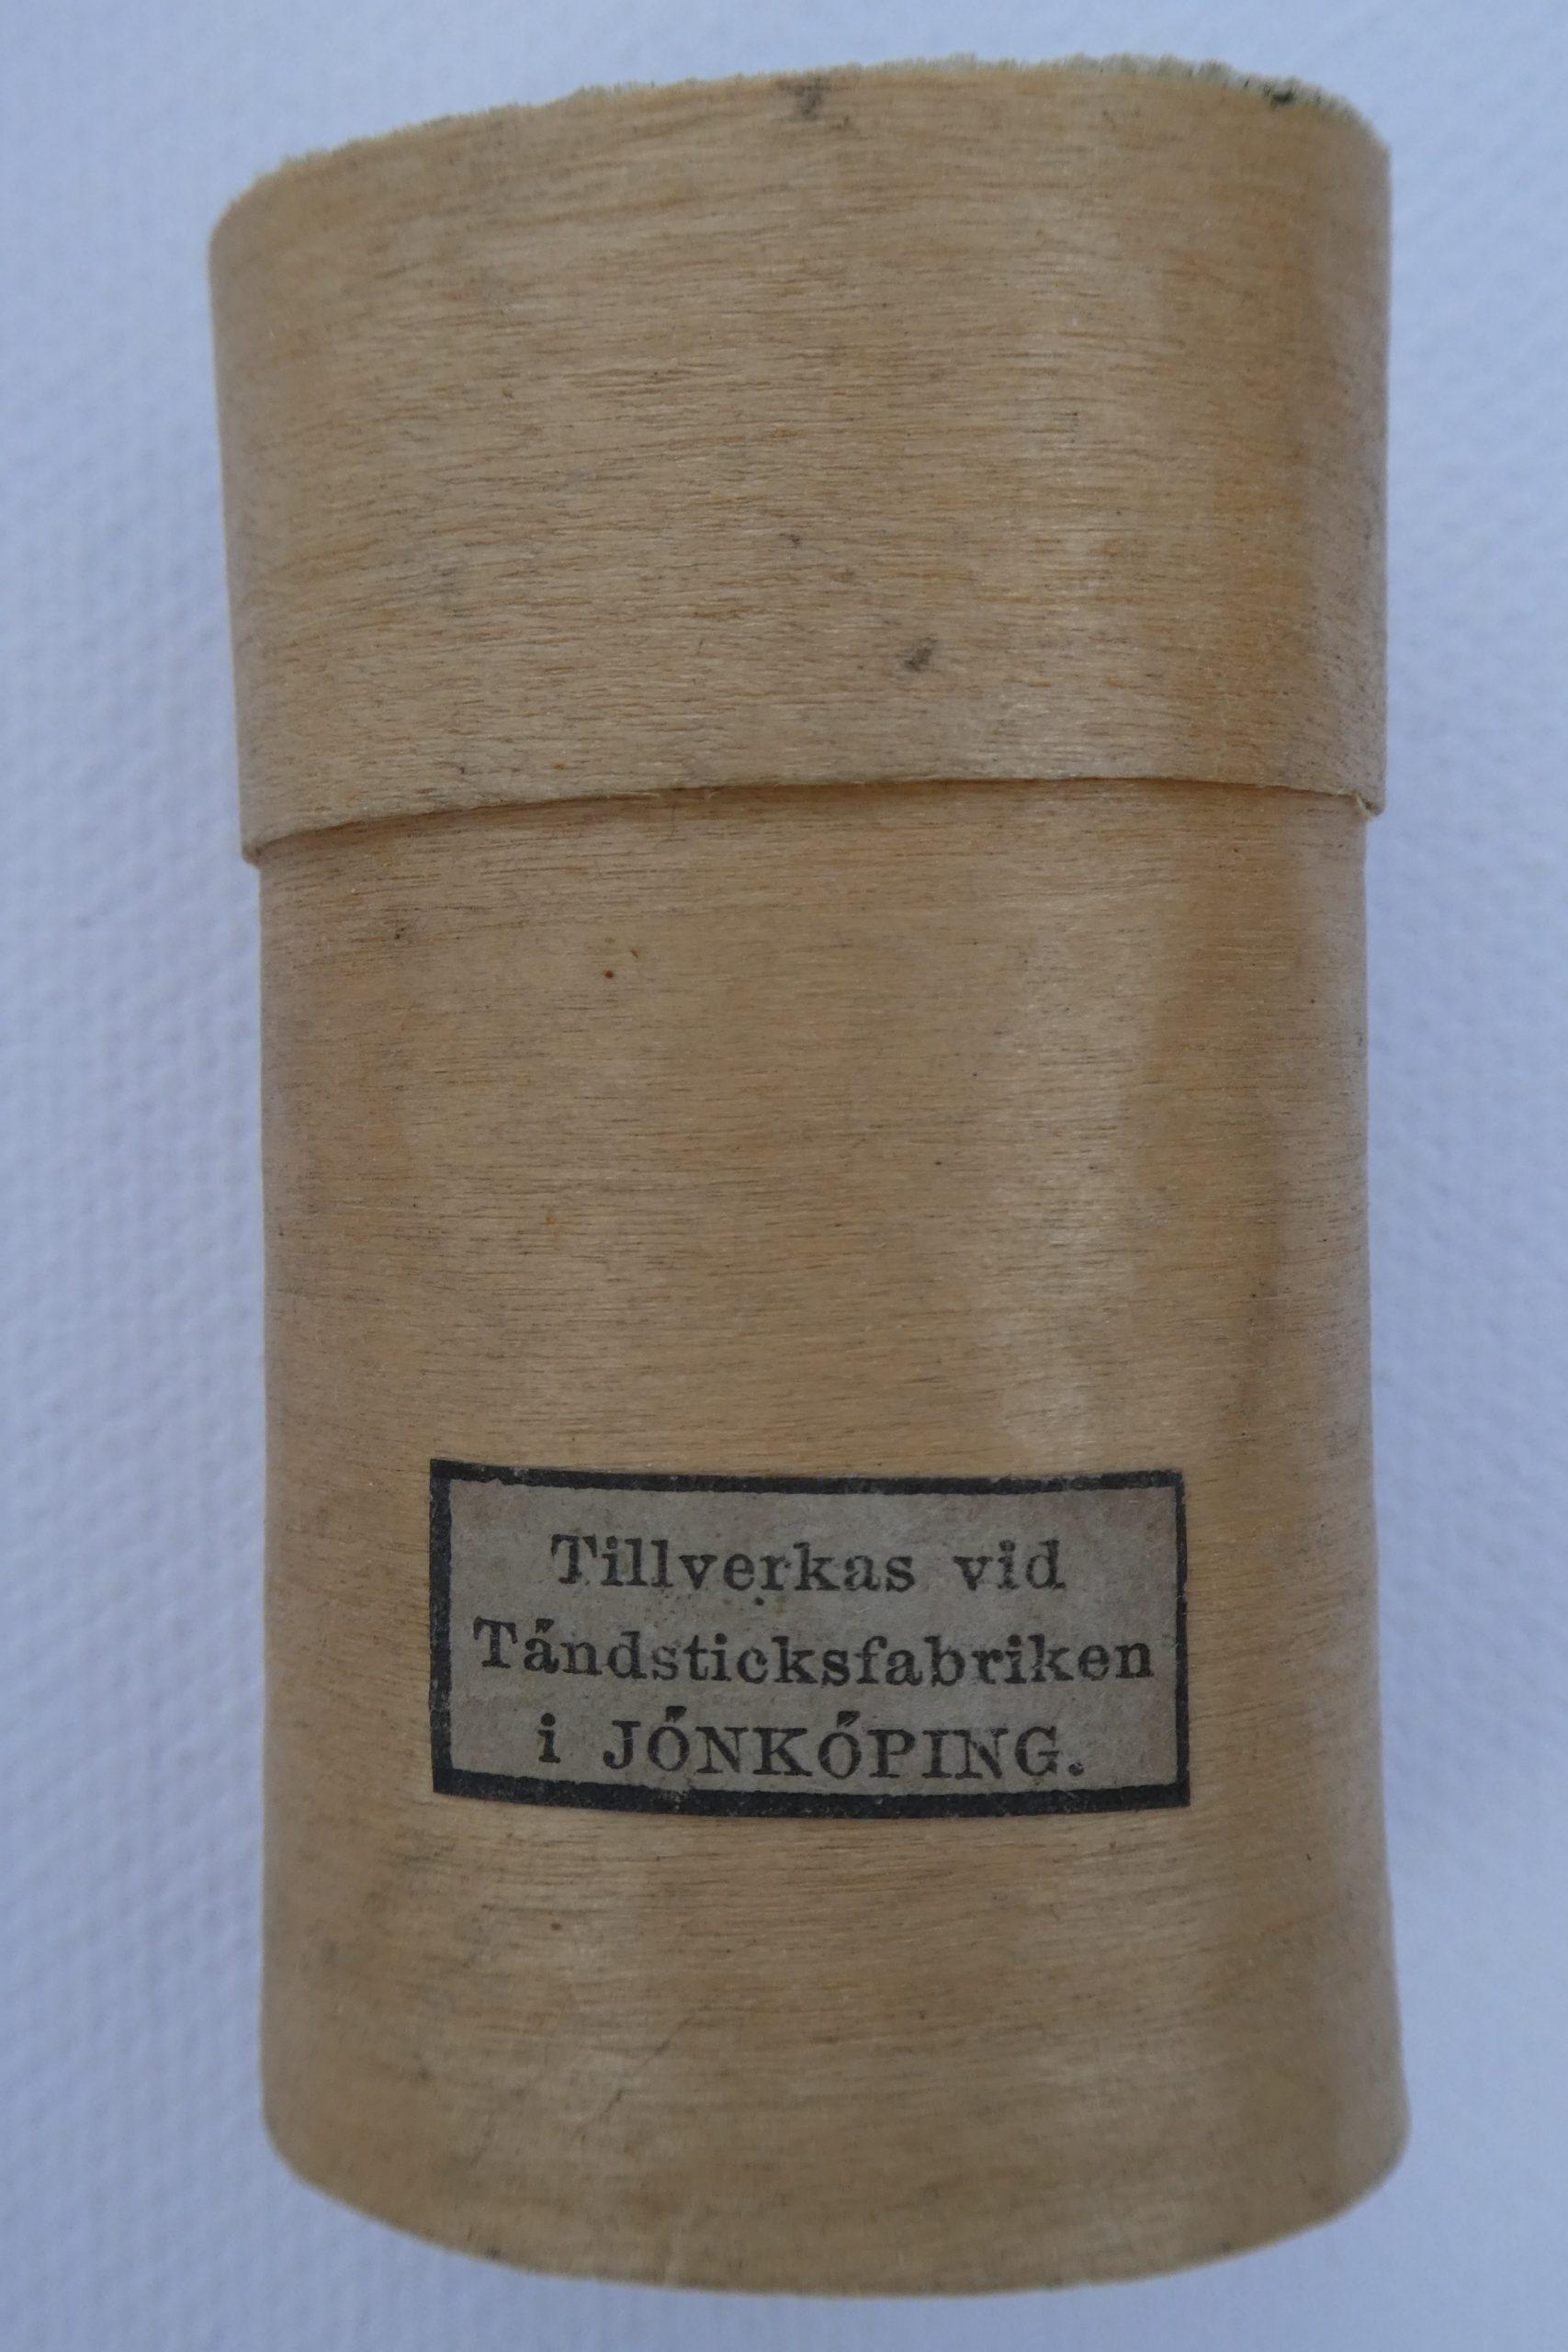 Sweden: Jönköpings Tändstickor 1848